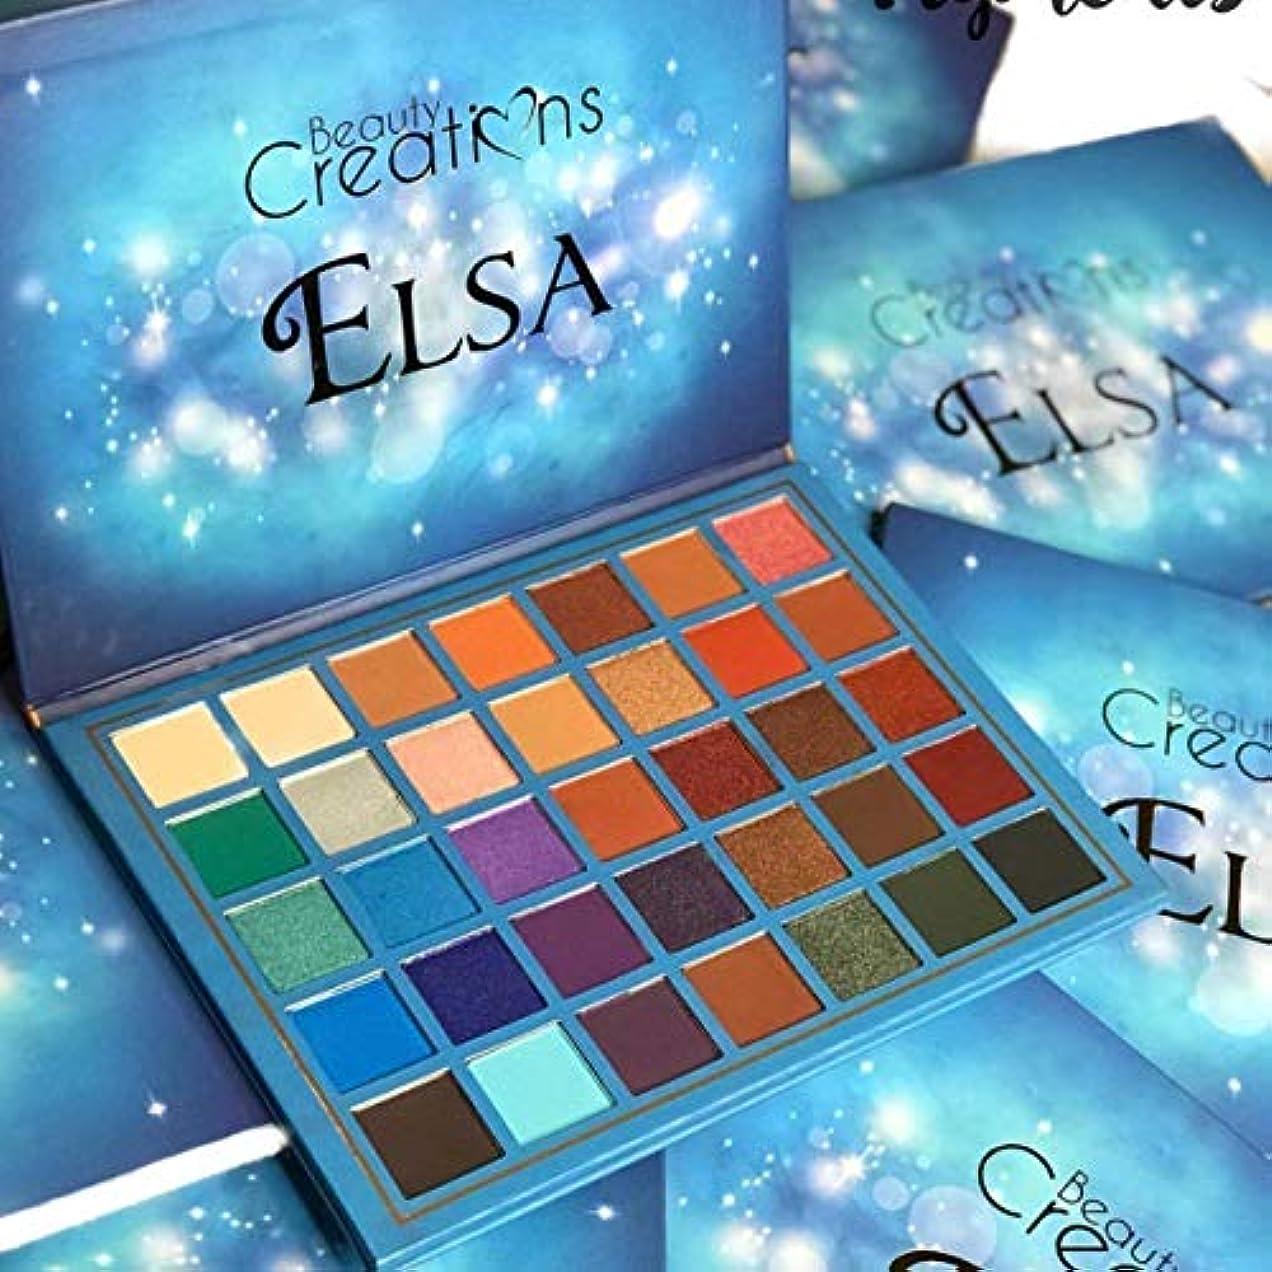 確認してくださいバレーボール裁判官Elsa 35 Color Elsa Eyeshadow Palette By Beauty Creation